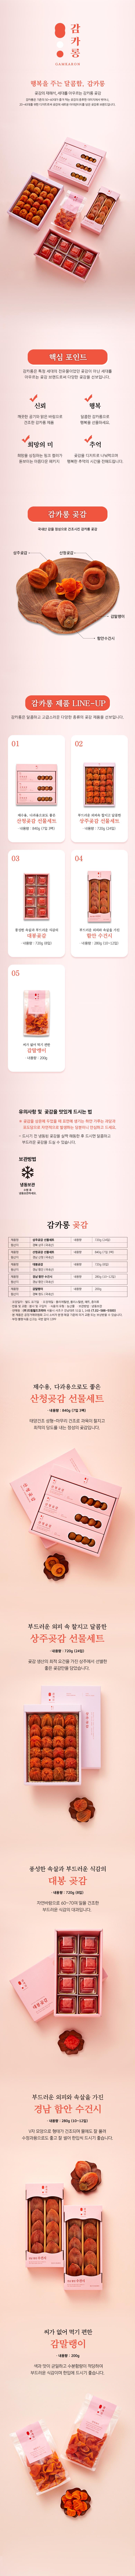 감카롱_전체제품_상세페이지_데마시안샵_최종수정.jpg